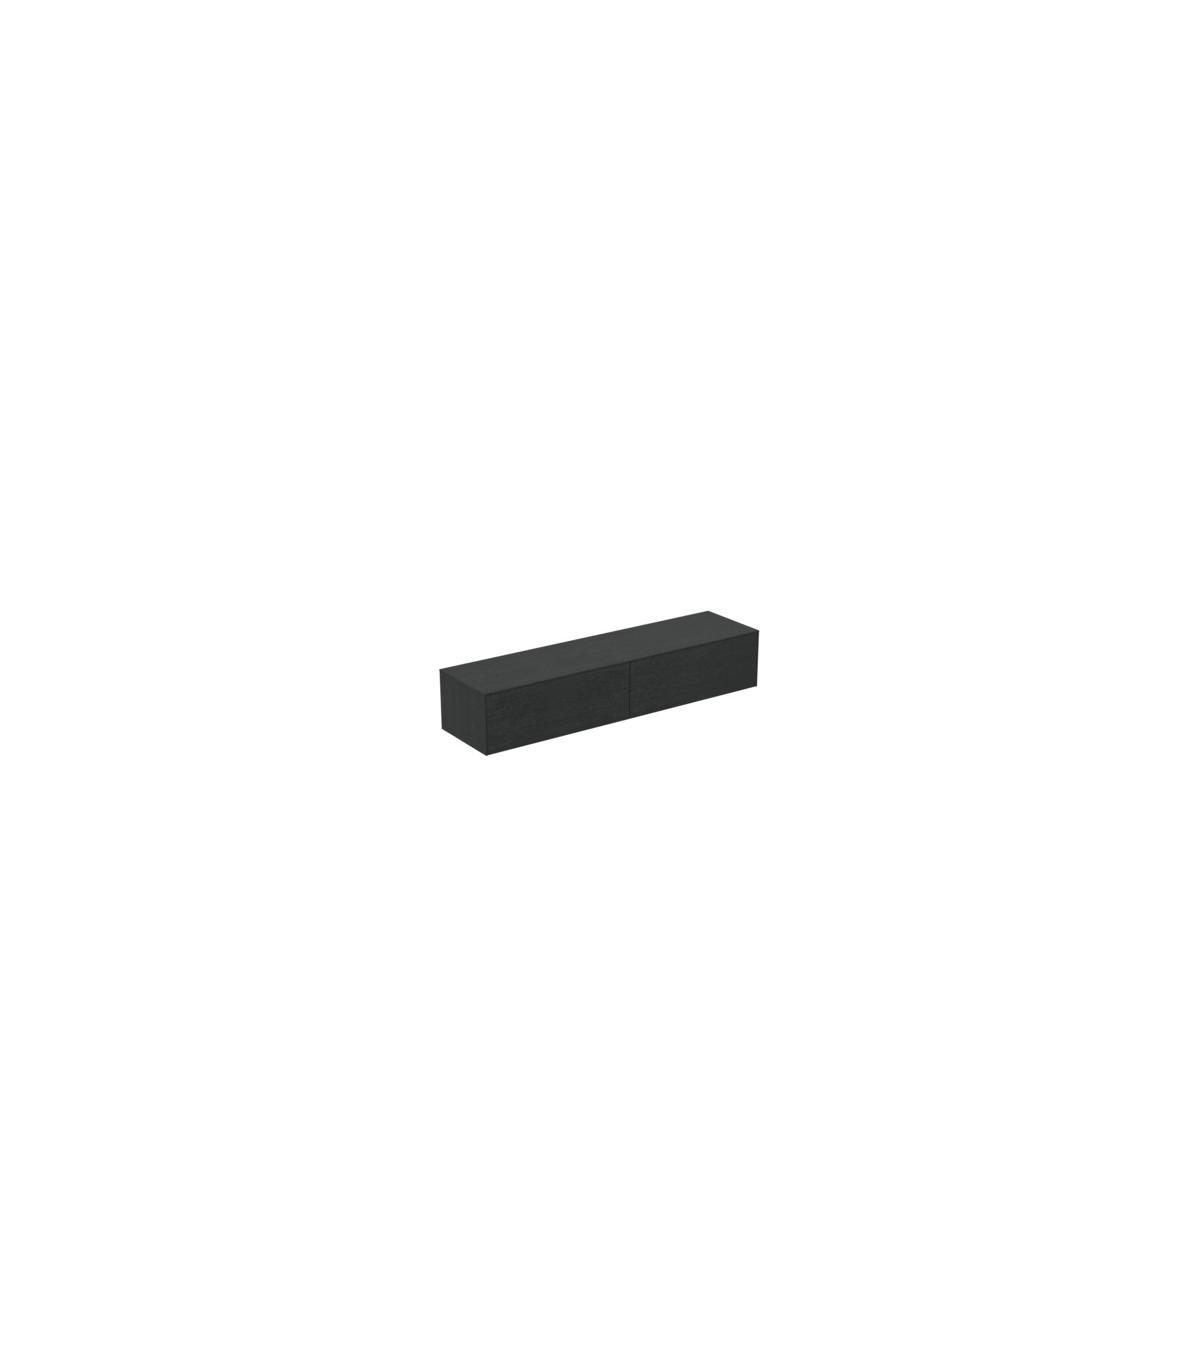 Mobile Lavello E Lavatrice lavatoio con mobile e porta lavatrice, geromin collezione smart grigio